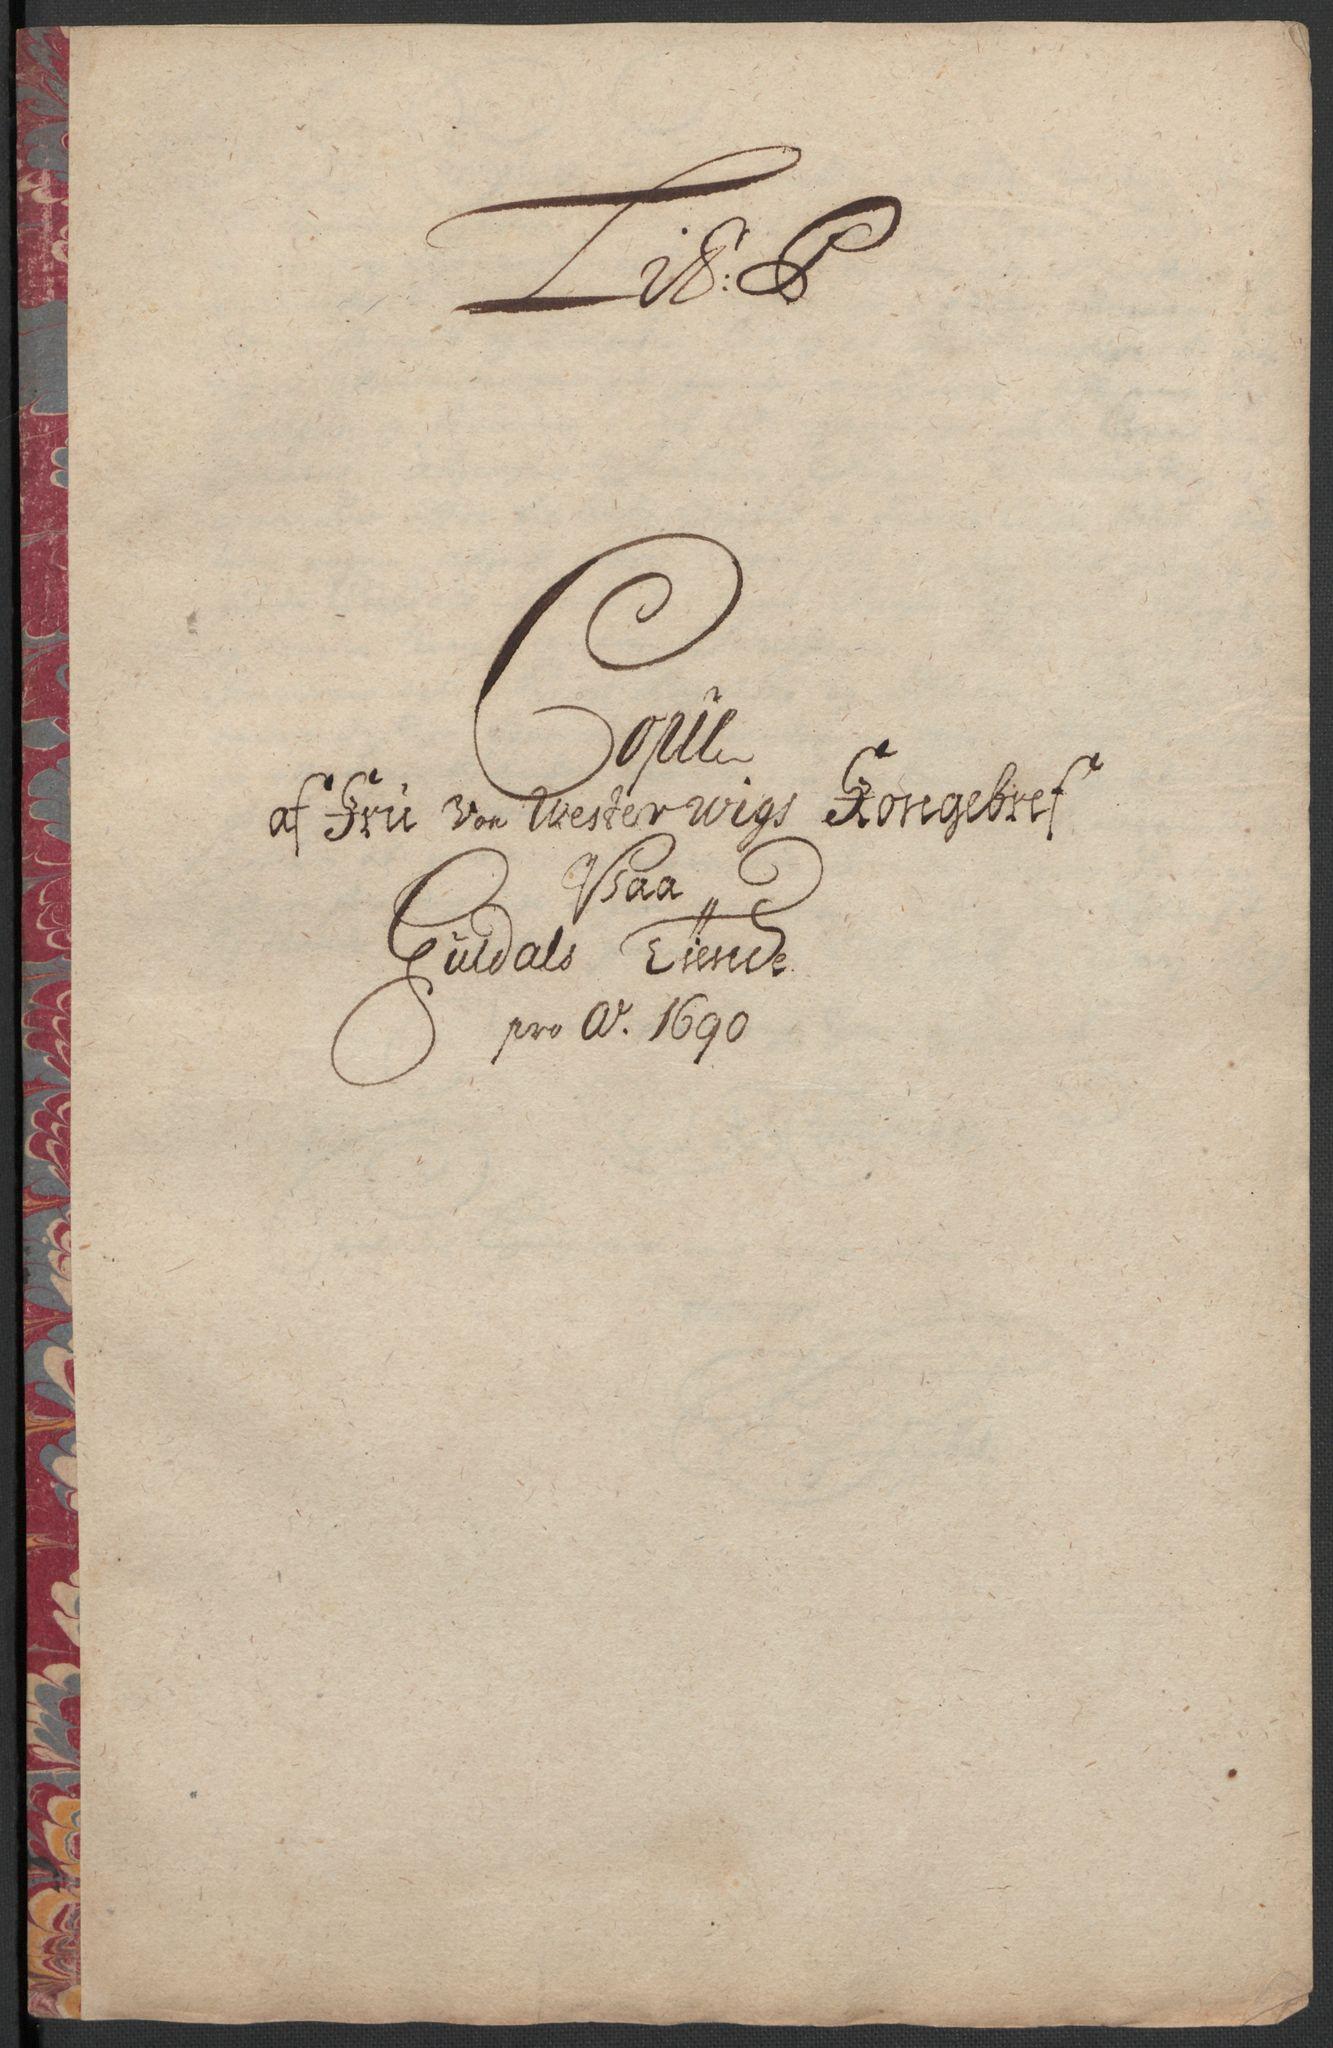 RA, Rentekammeret inntil 1814, Reviderte regnskaper, Fogderegnskap, R59/L3940: Fogderegnskap Gauldal, 1689-1690, s. 356